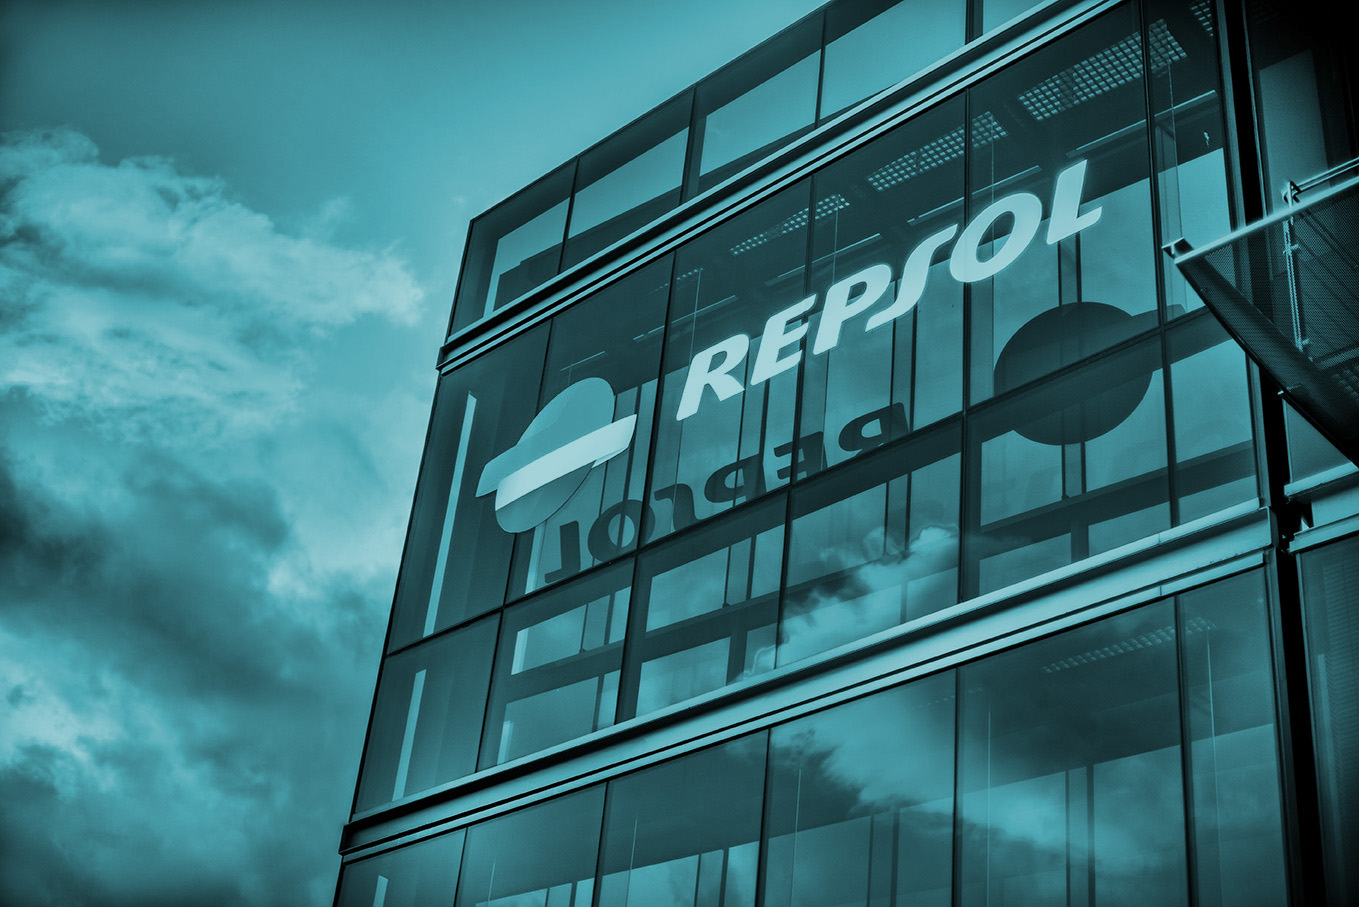 Oficinas de Repsol.